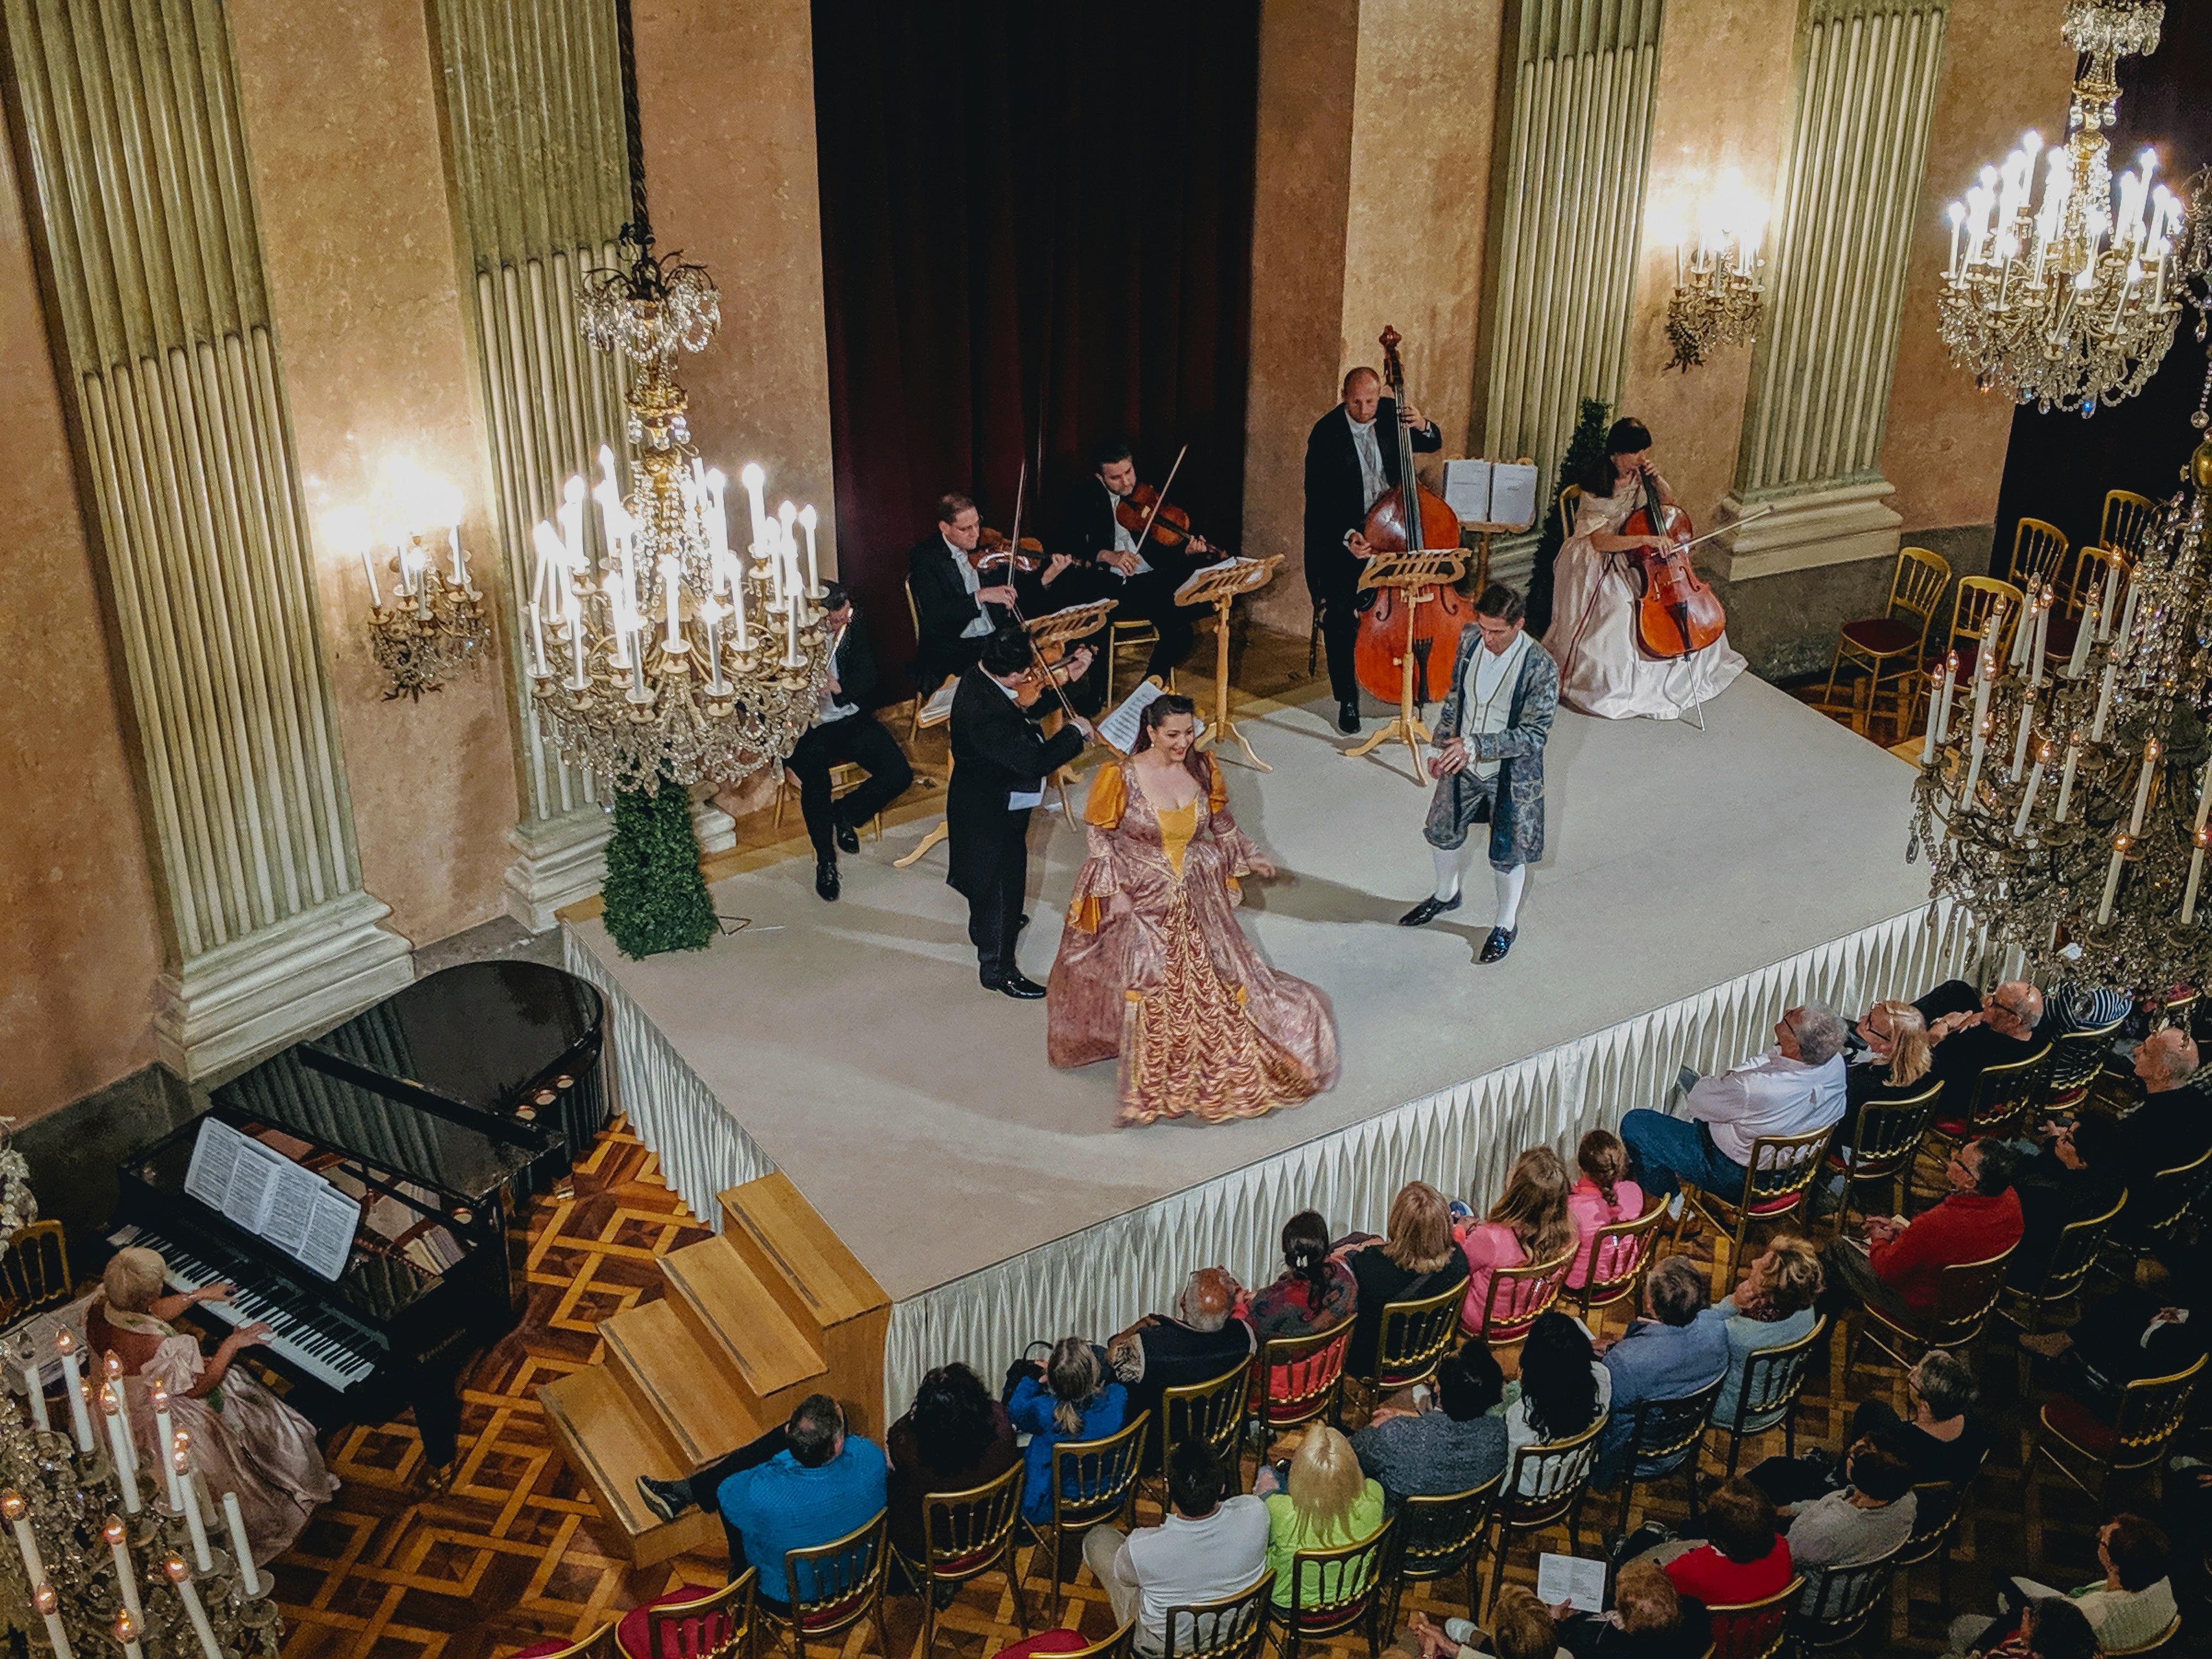 klassisches Konzert des Wiener Residenzorchester im Palais Auersperg